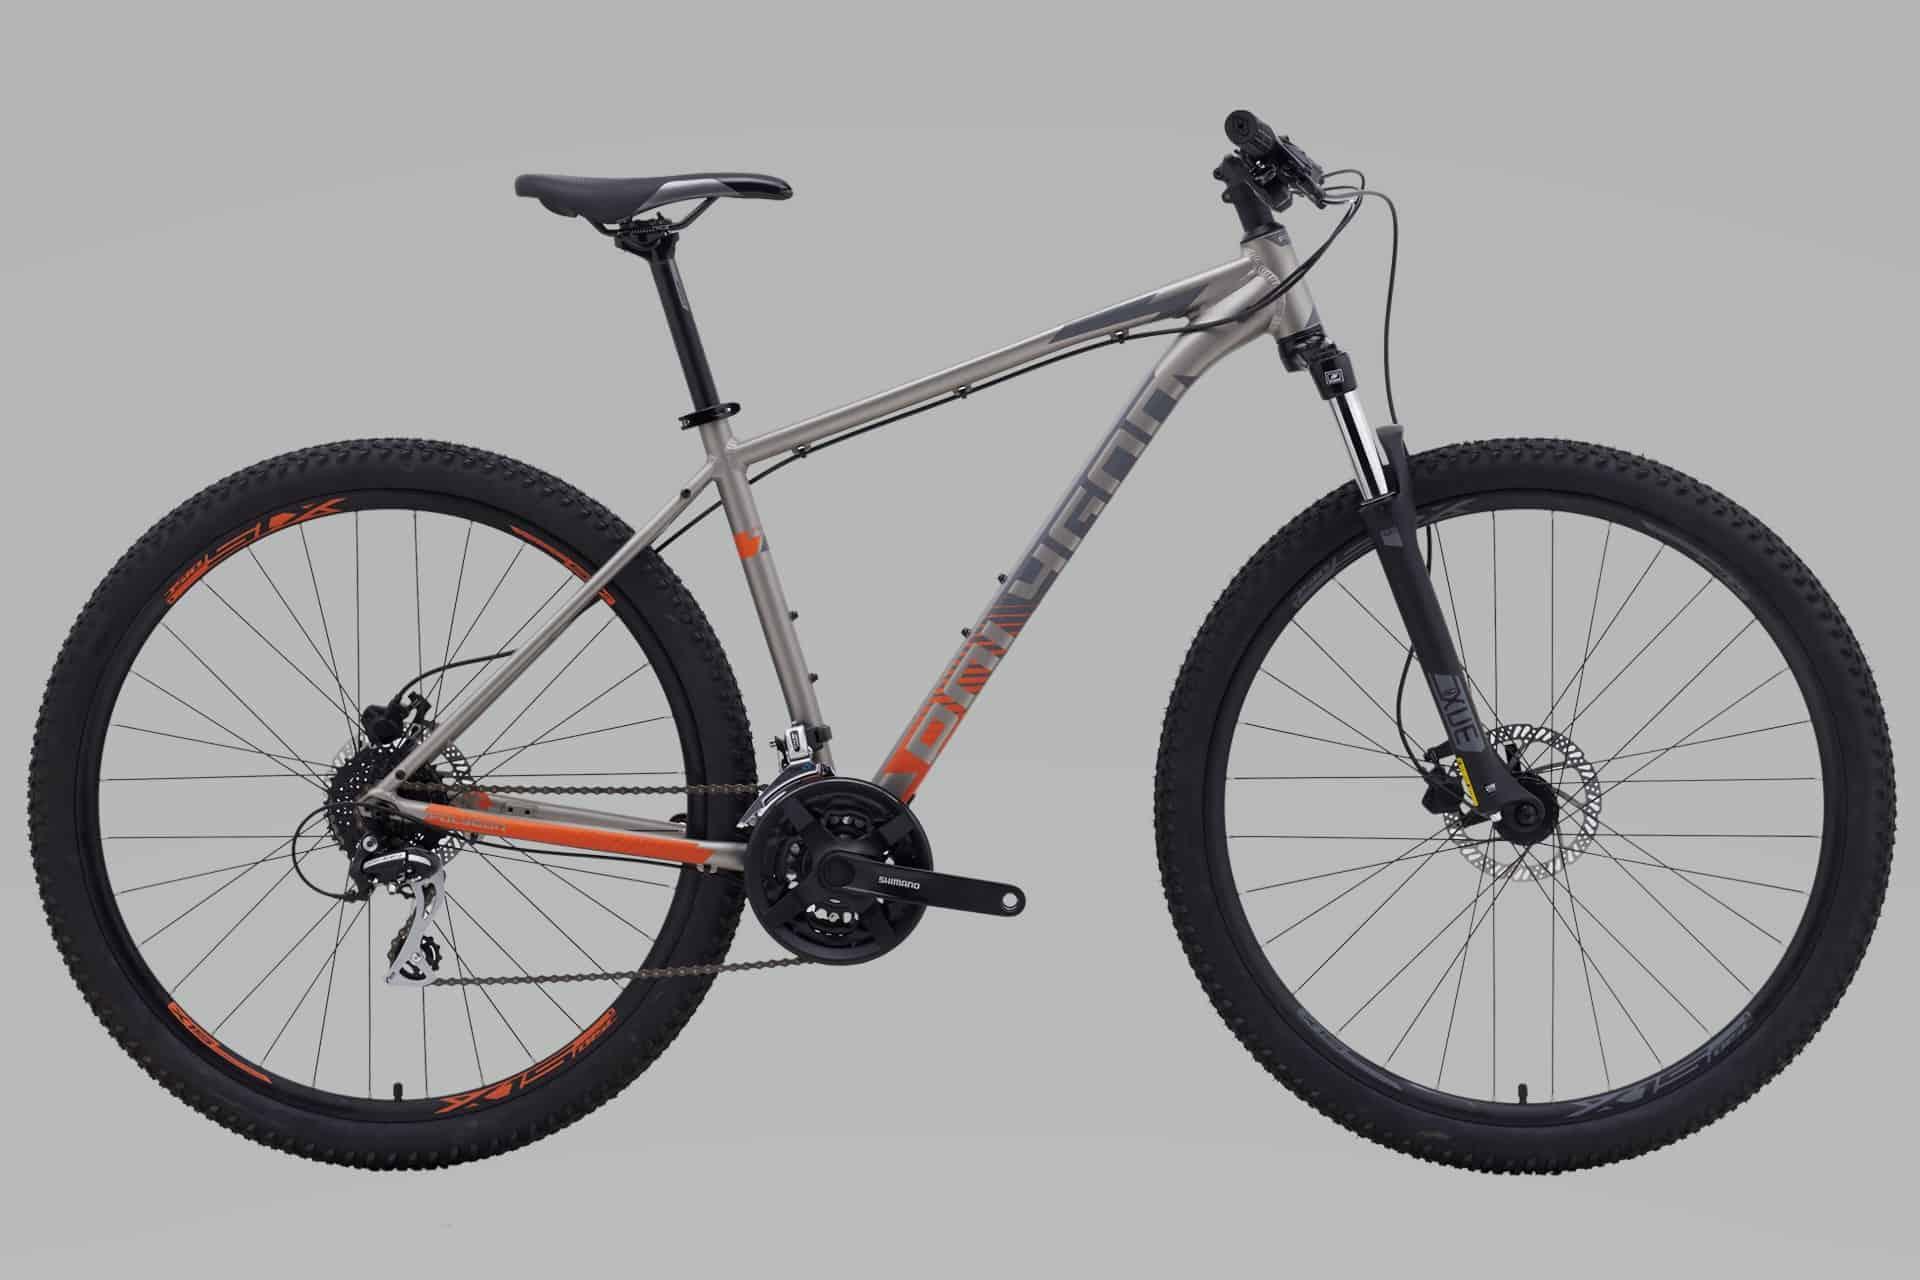 Spesifikasi dan Harga Polygon Premier 4 2020 Sepeda.Me